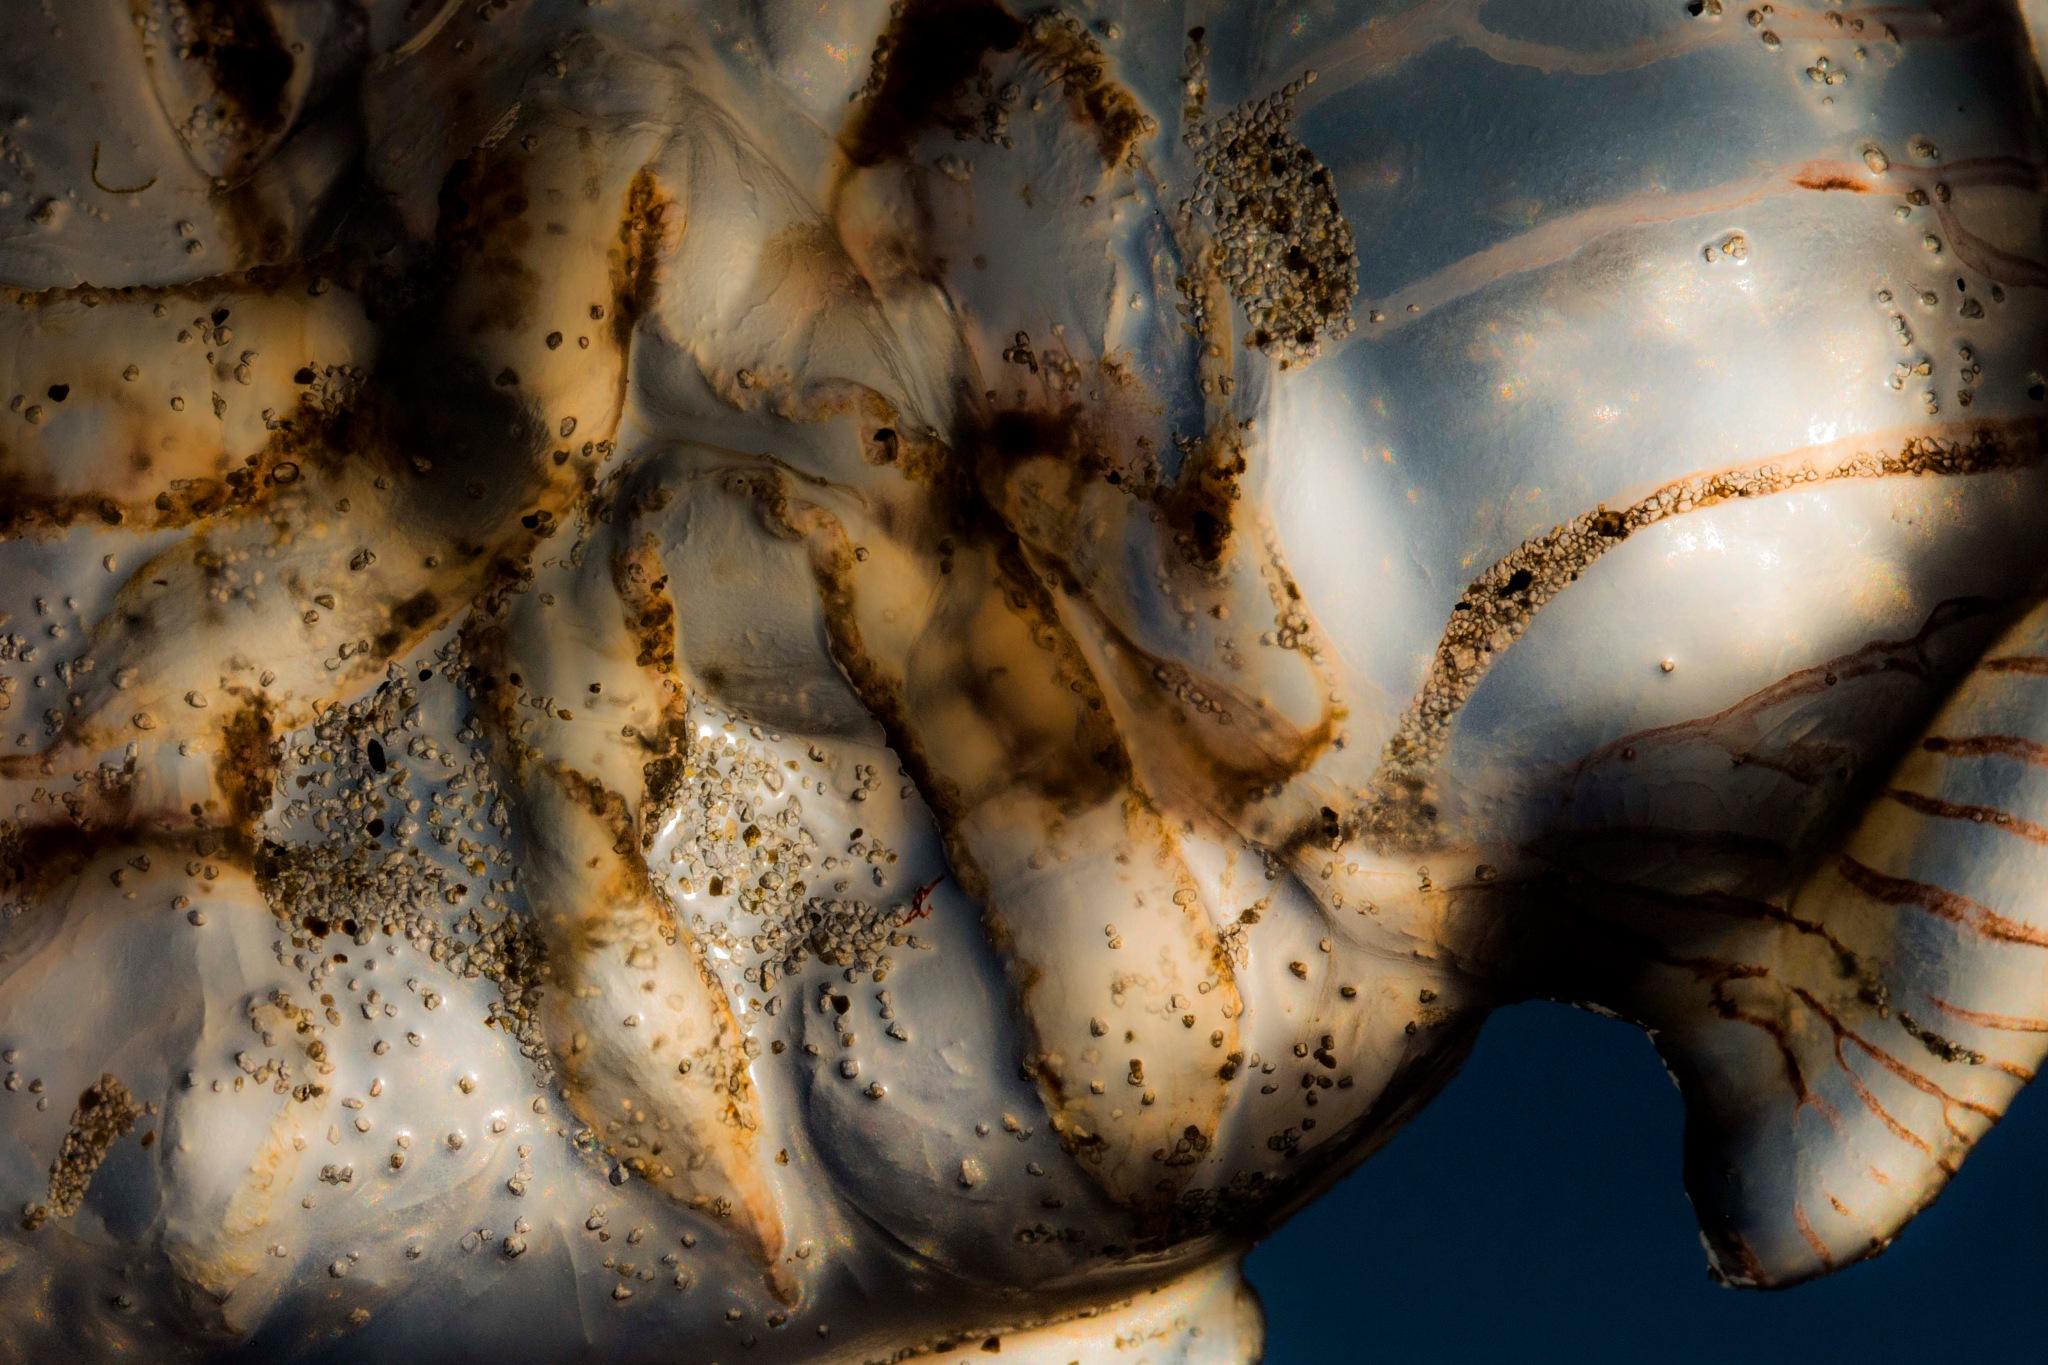 Jellyfish by Rapsbollen